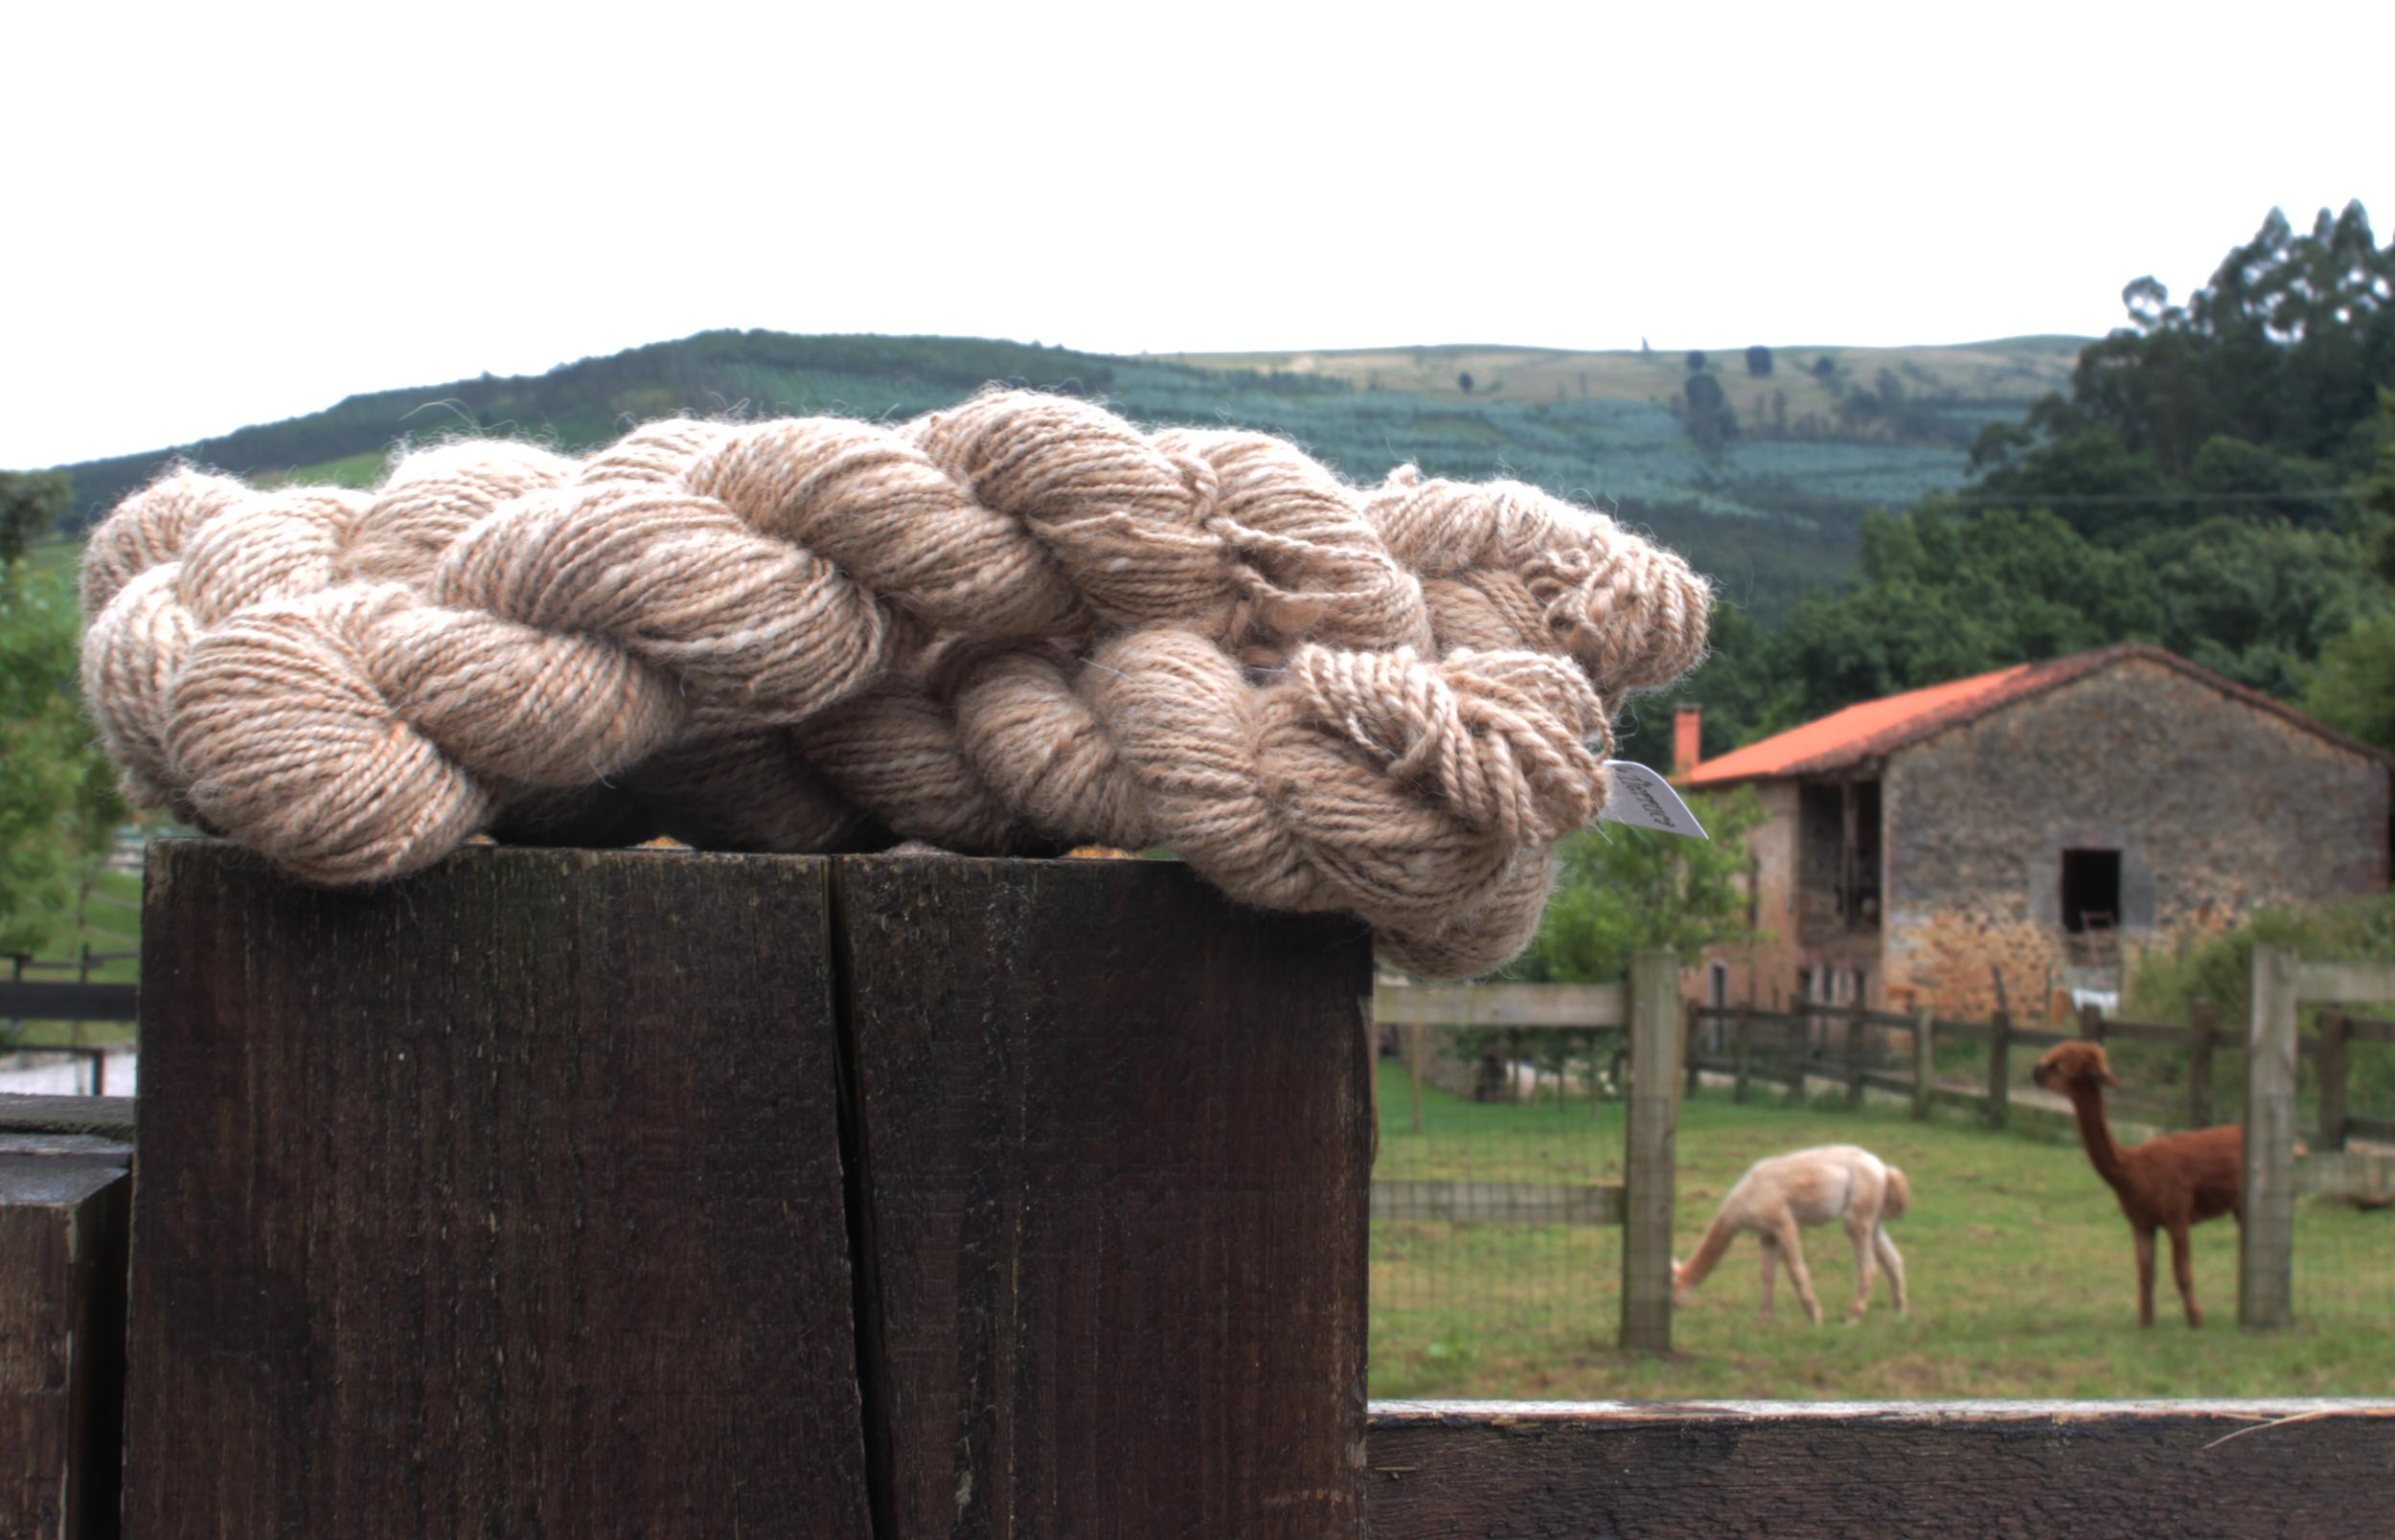 Visita Alpacas de la Tierruca  © trikoarte, 2013